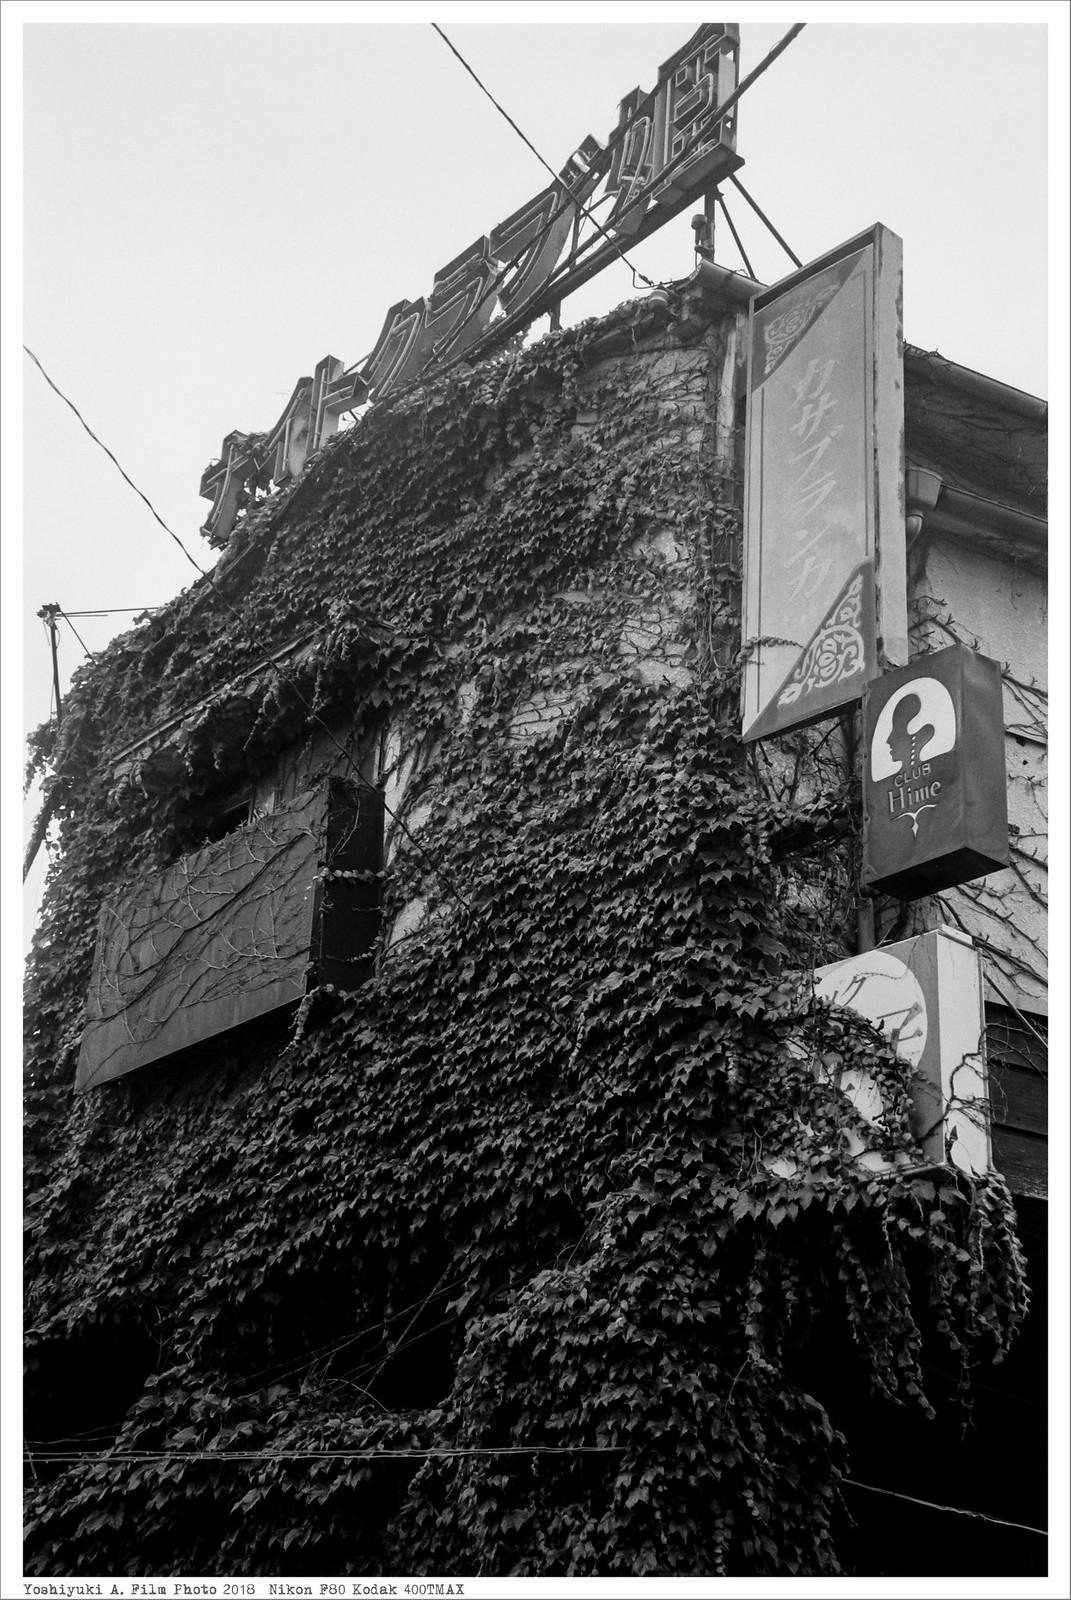 群馬県 桐生市 Nikon_F80_Kodak_400TMAX__33